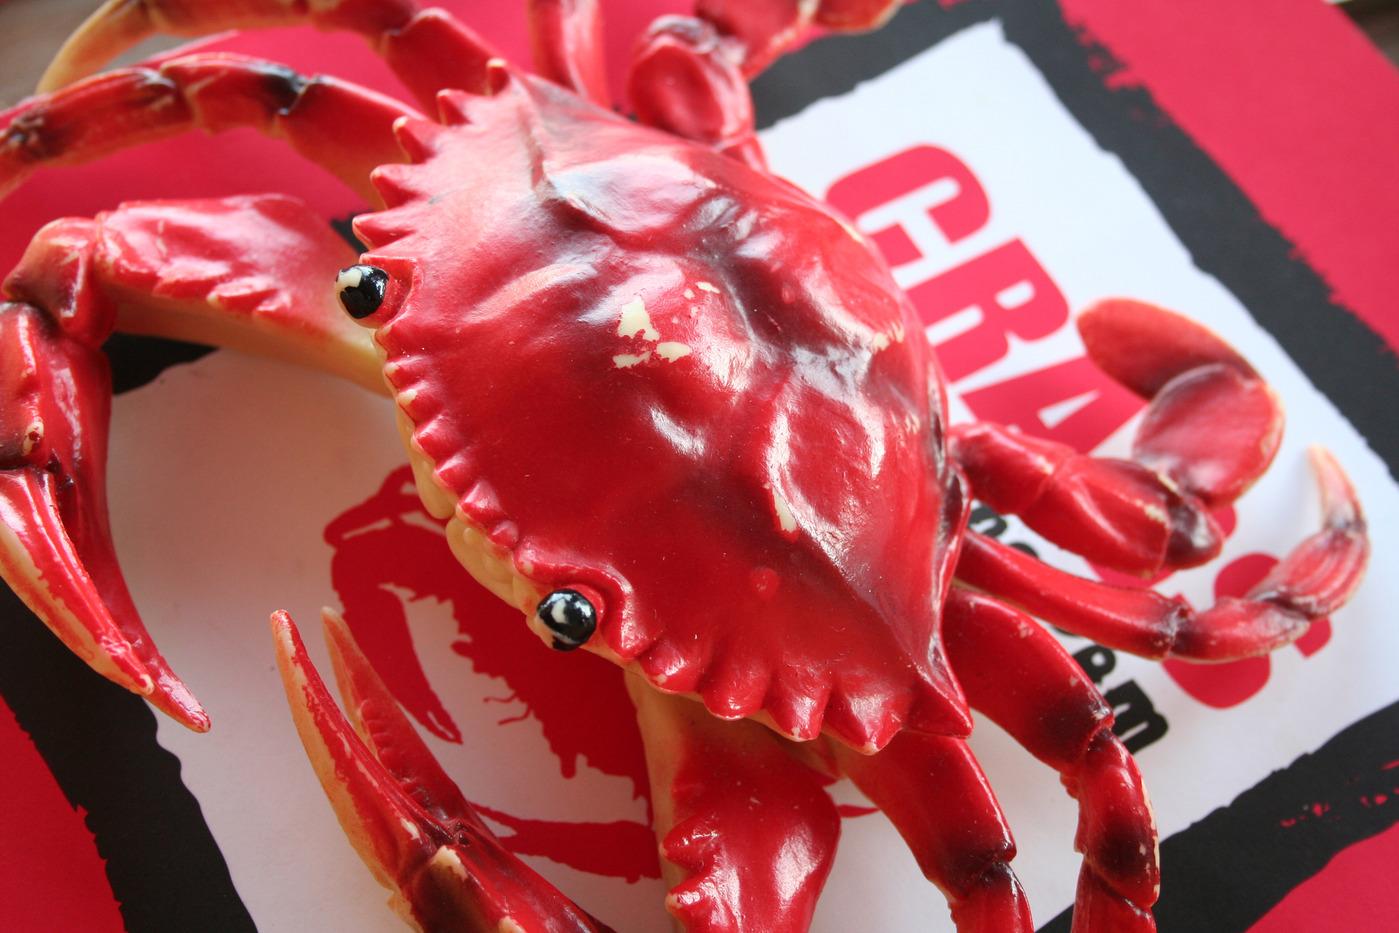 Crabs We got 'em